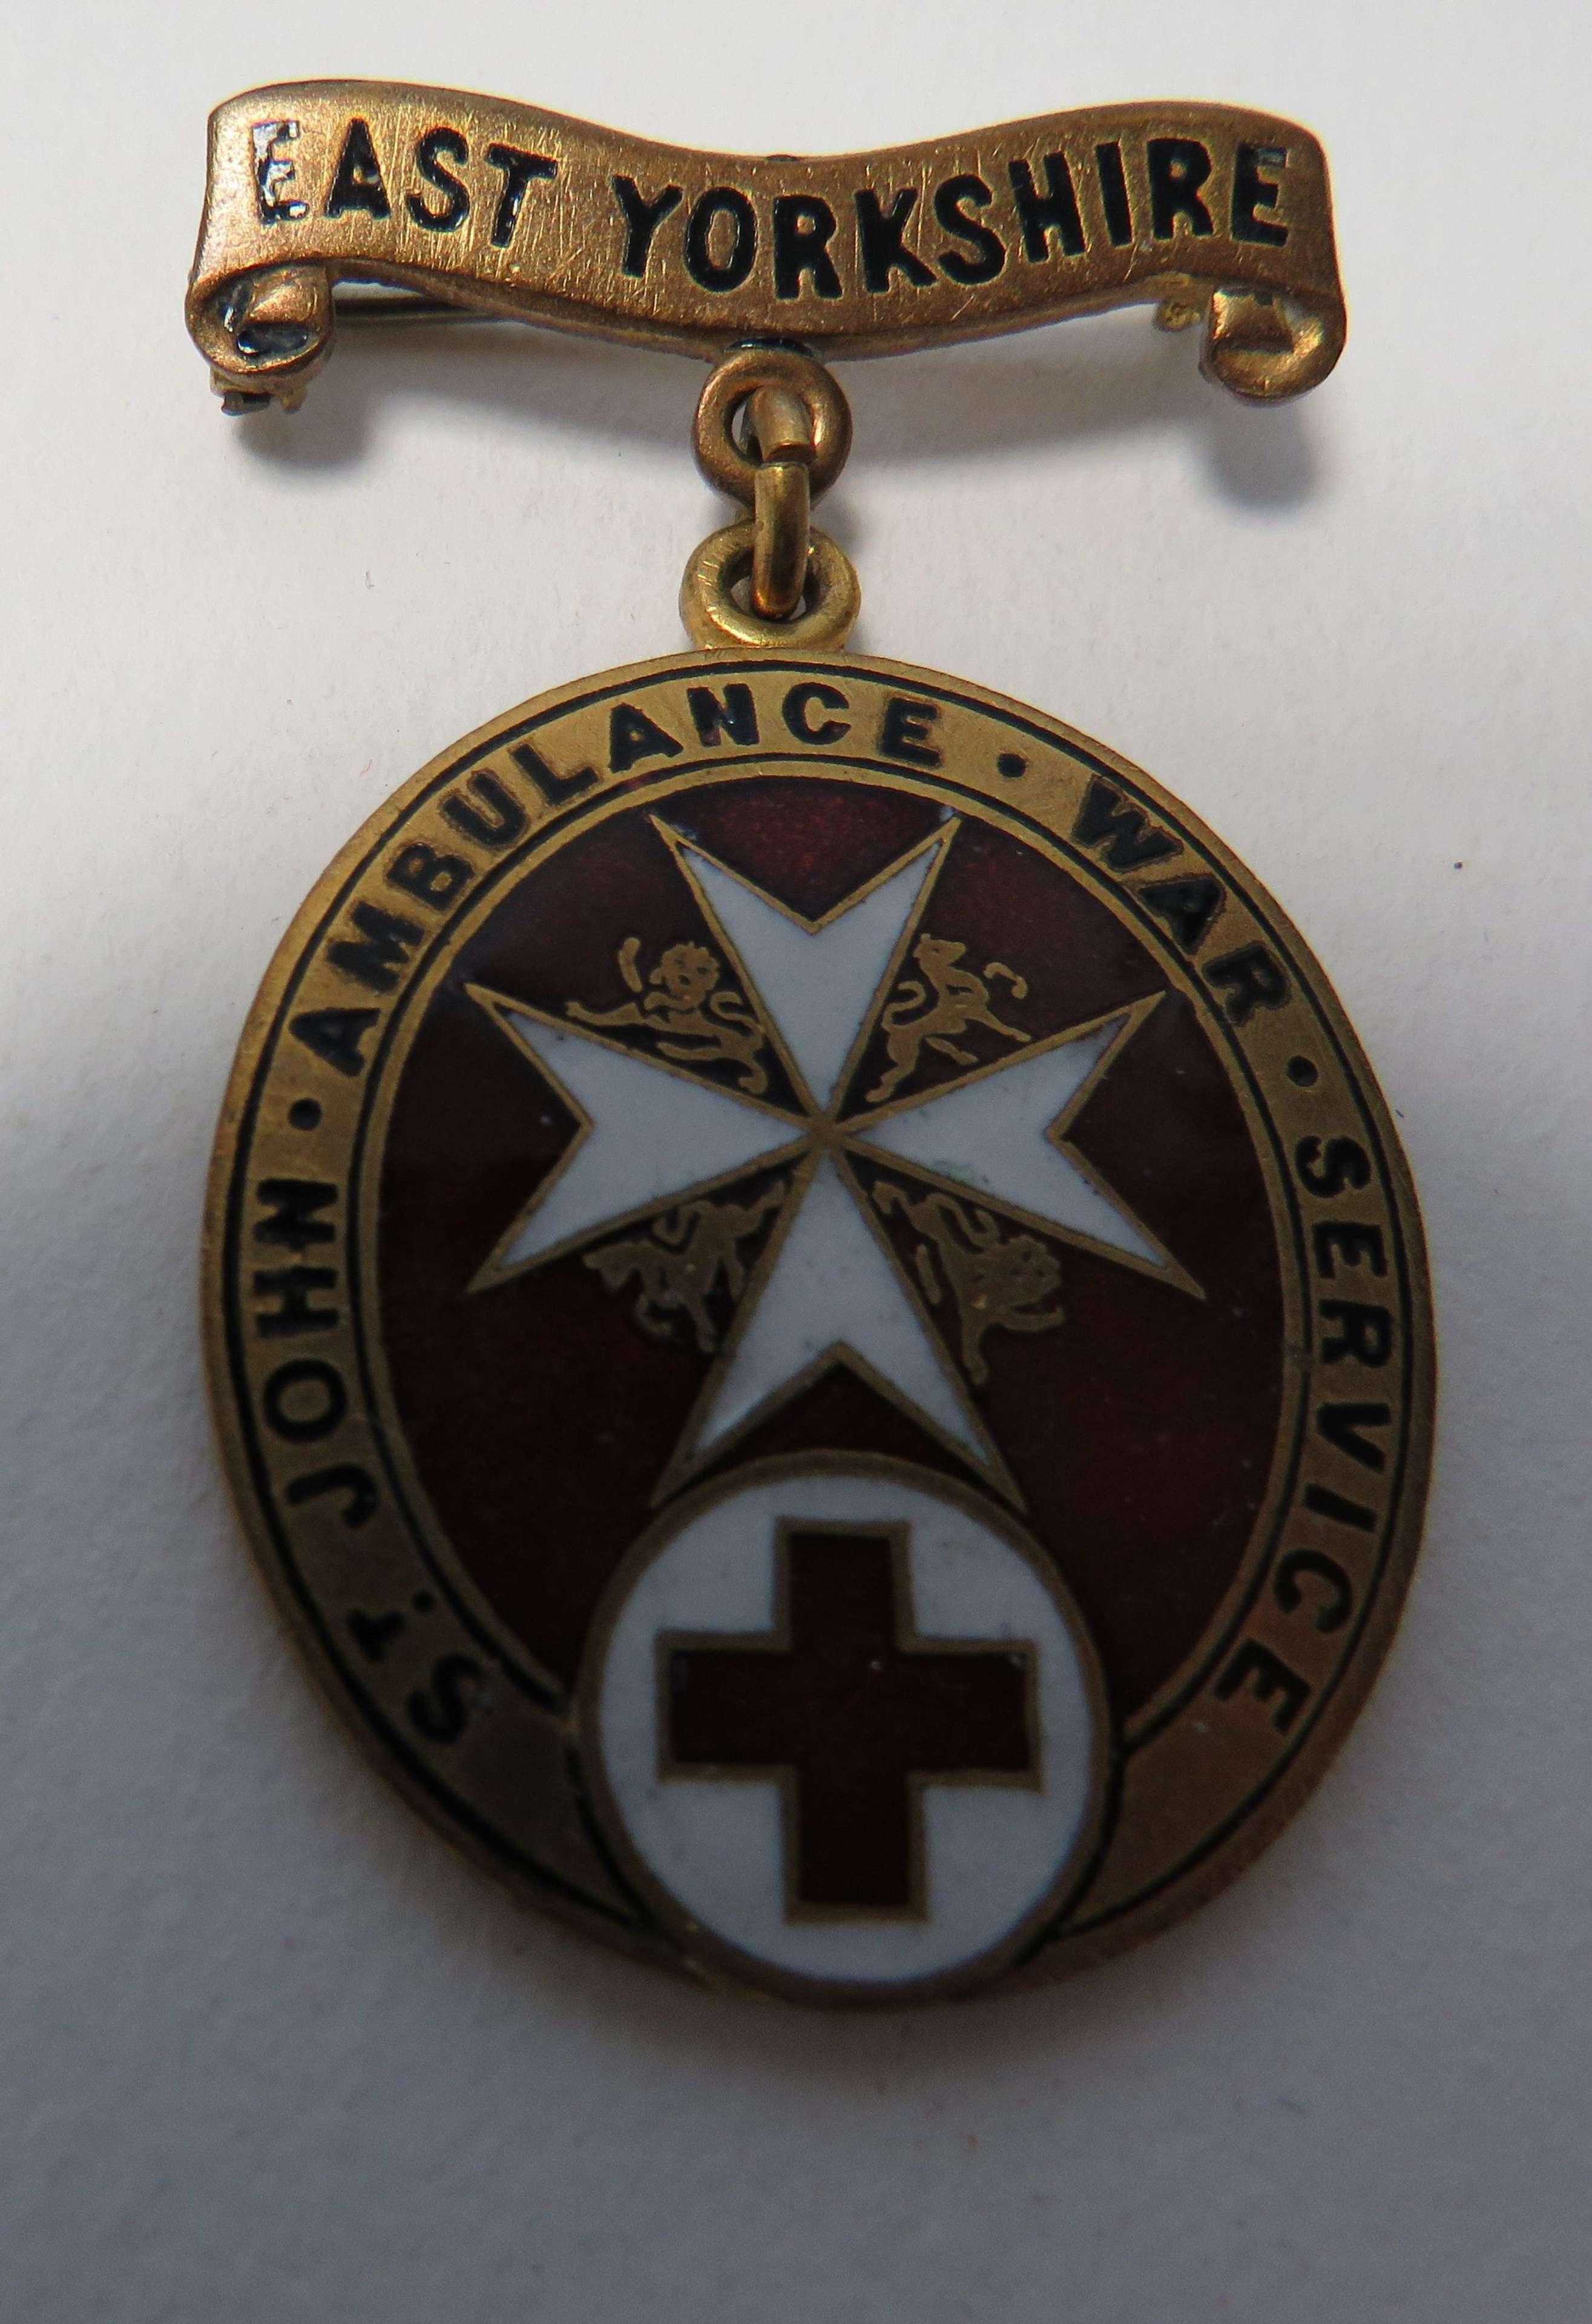 East Yorkshire St Johns War Service Badge